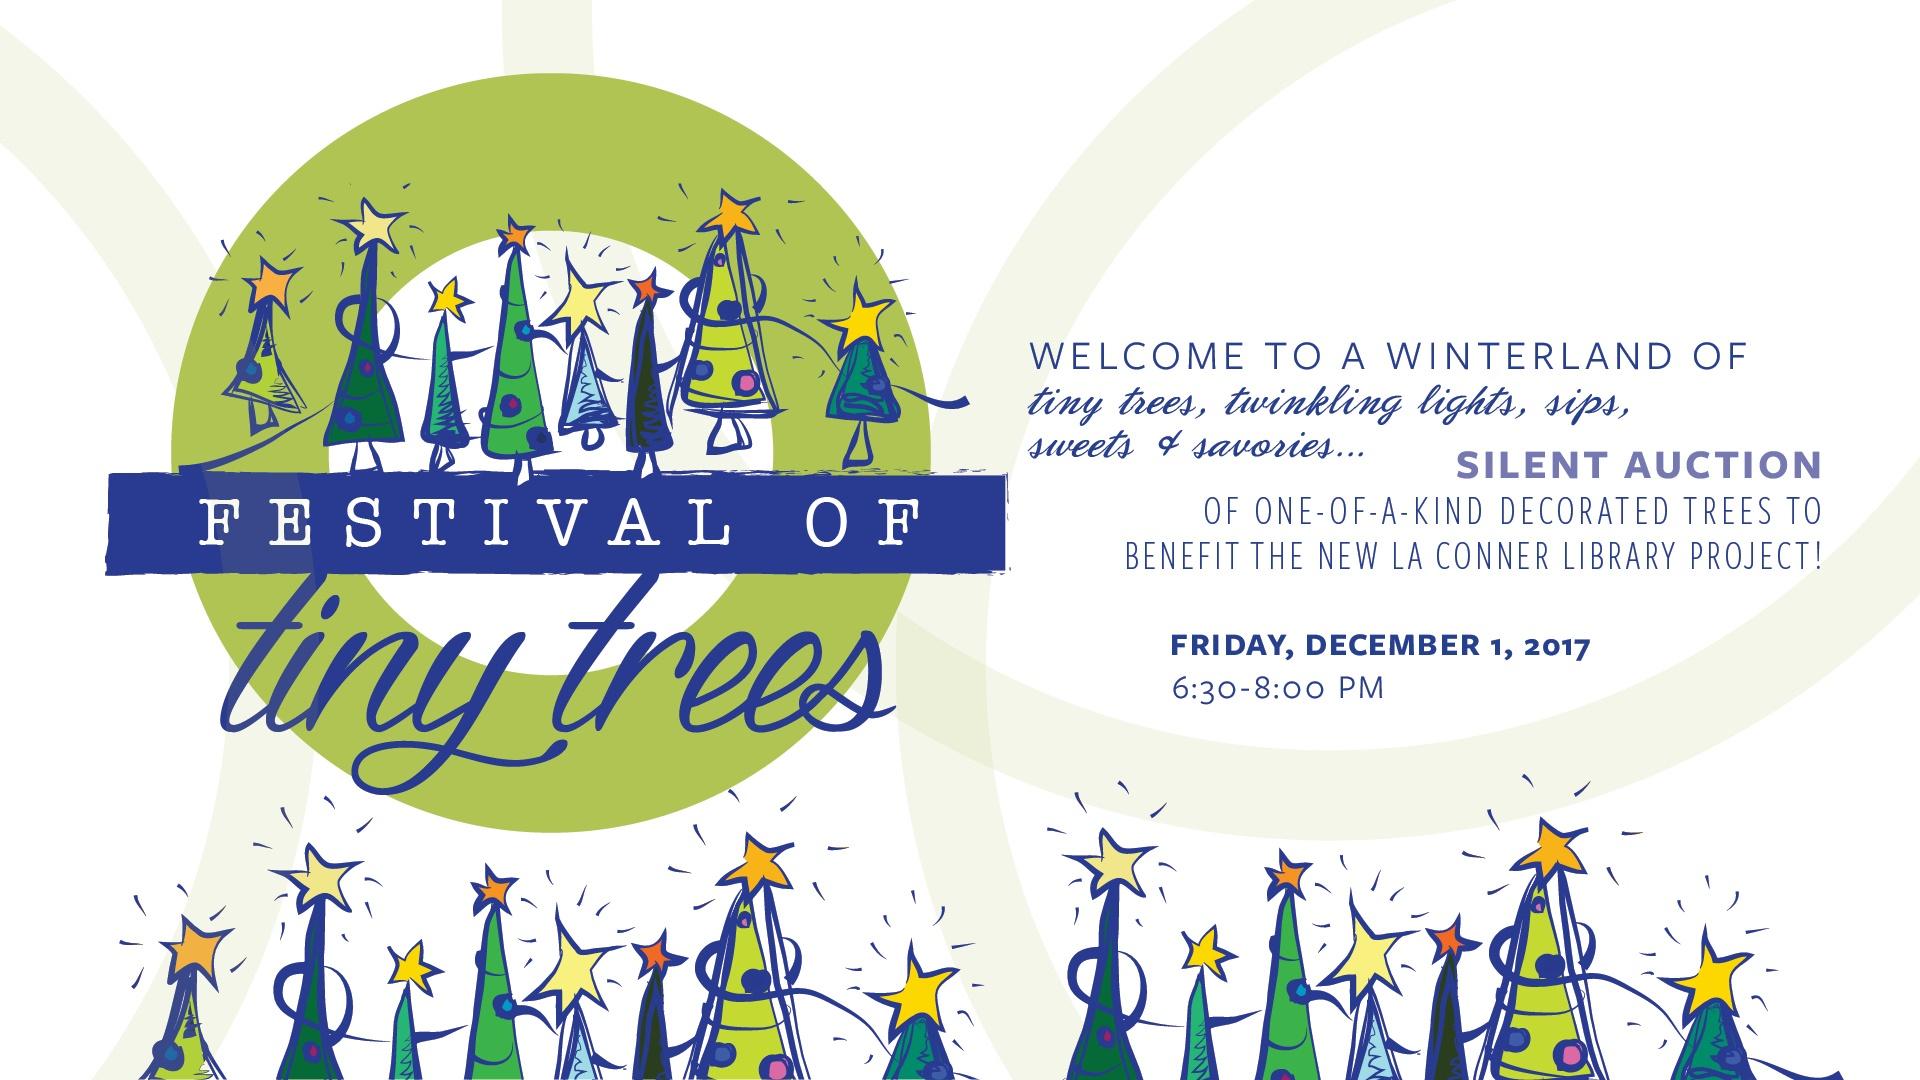 Festival-of-Tiny-Trees